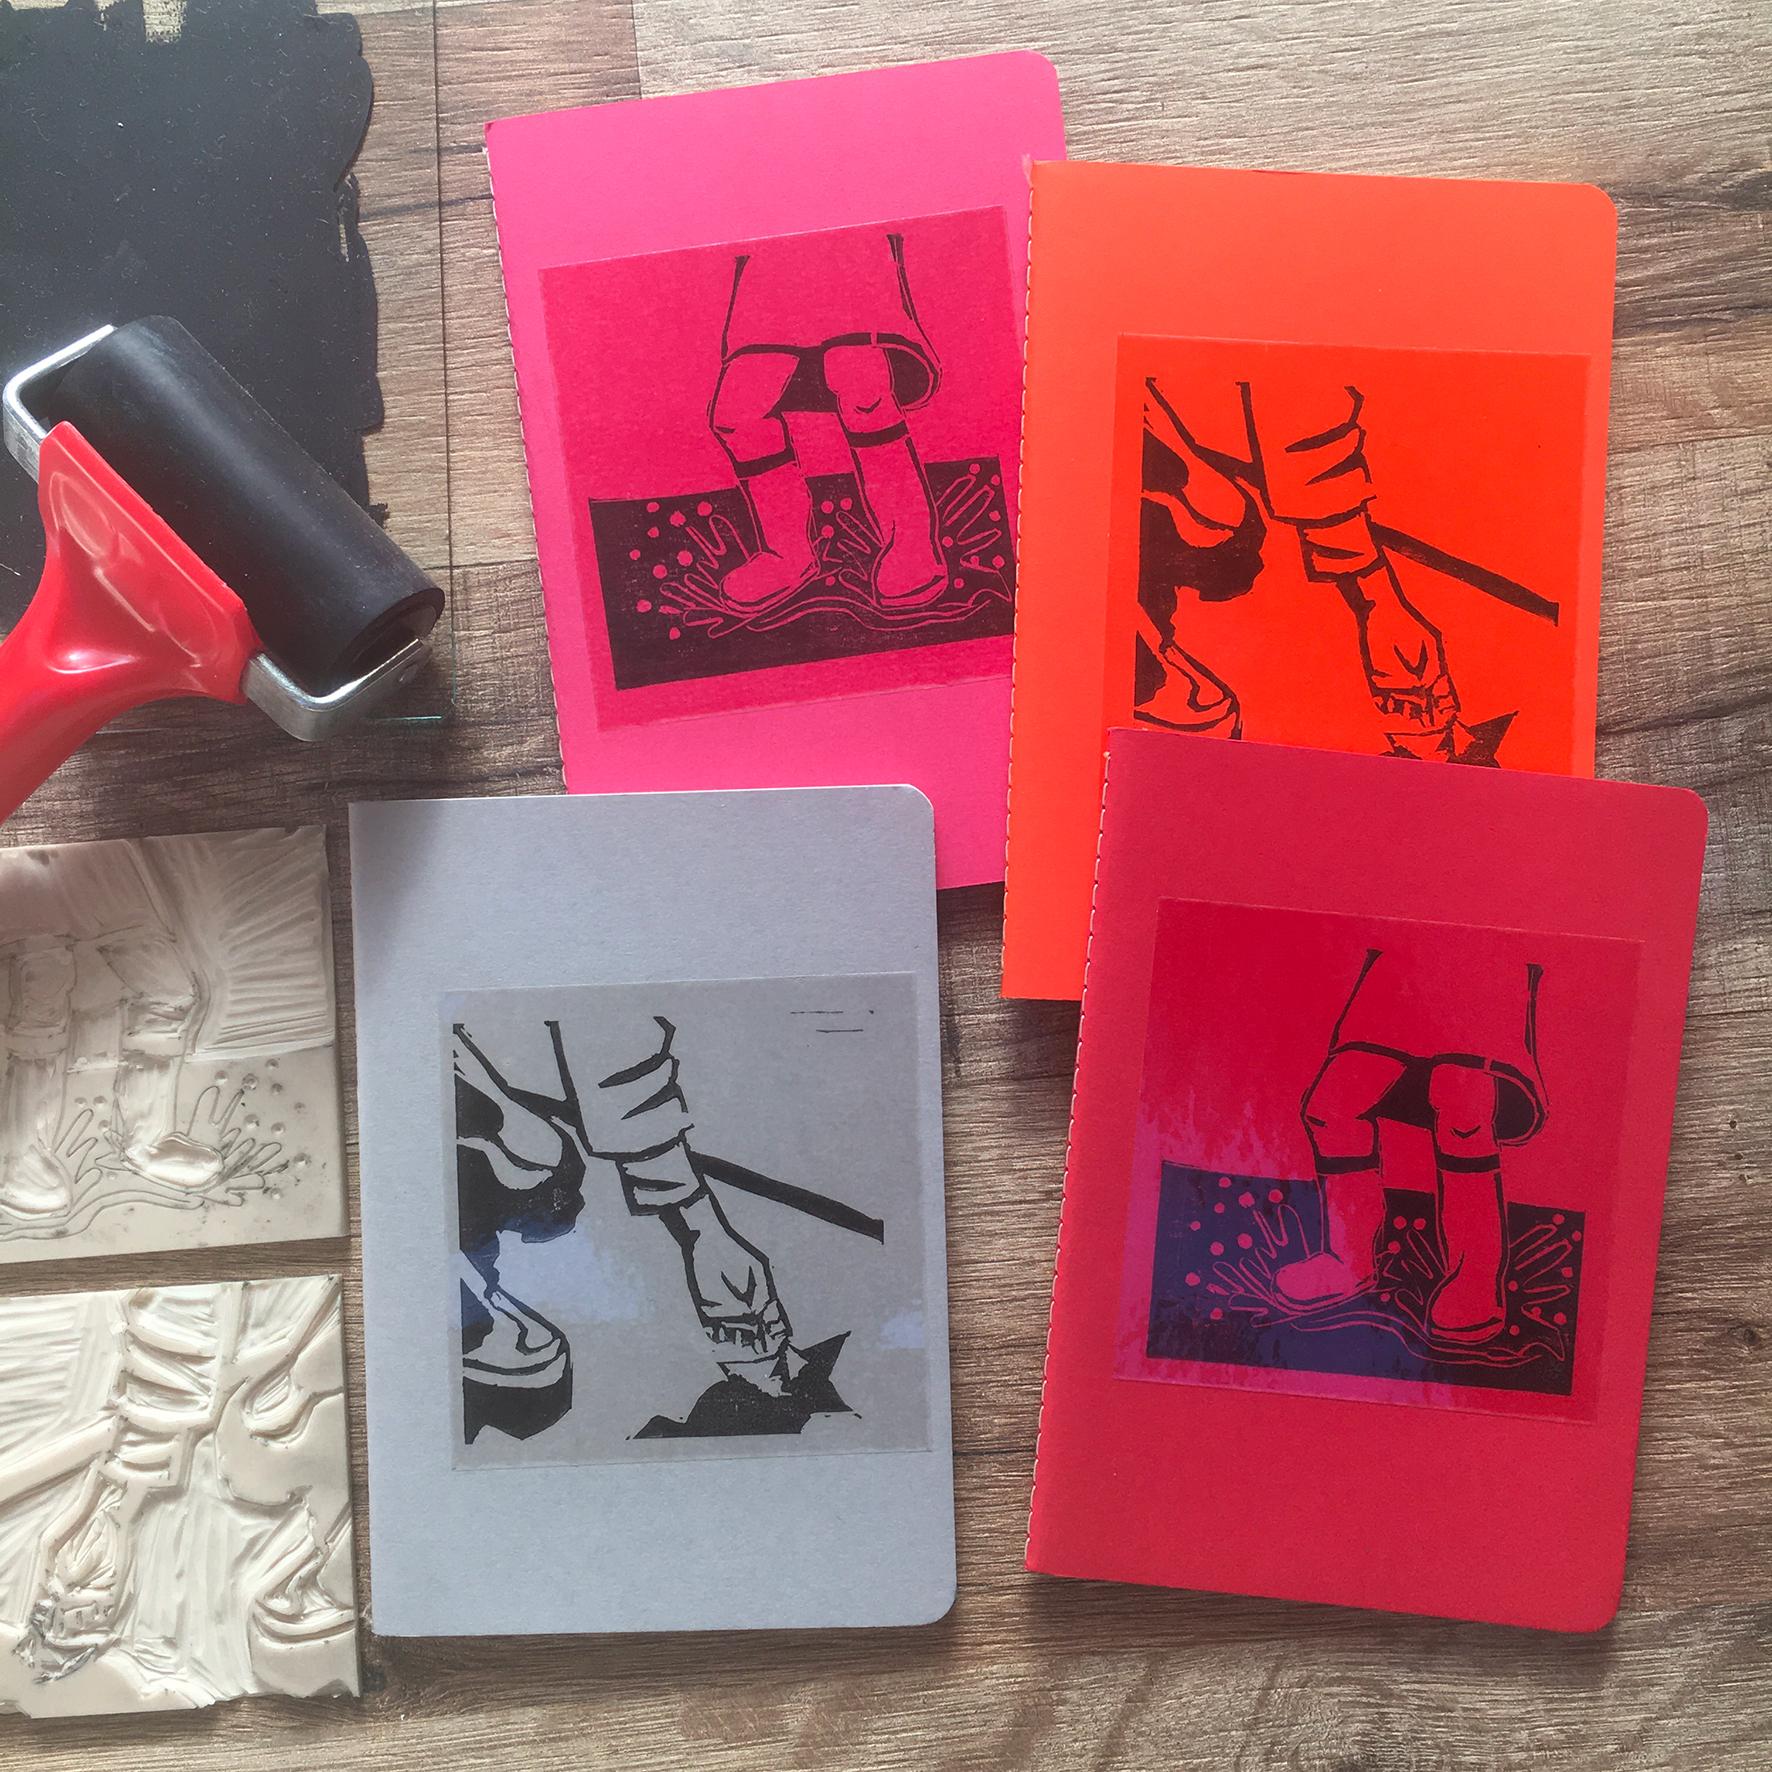 """""""Vive la pluie!"""" Carnet A6 / Illustration linogravure encre noire / 7€ hors fdp / 4 derniers exemplaires!"""